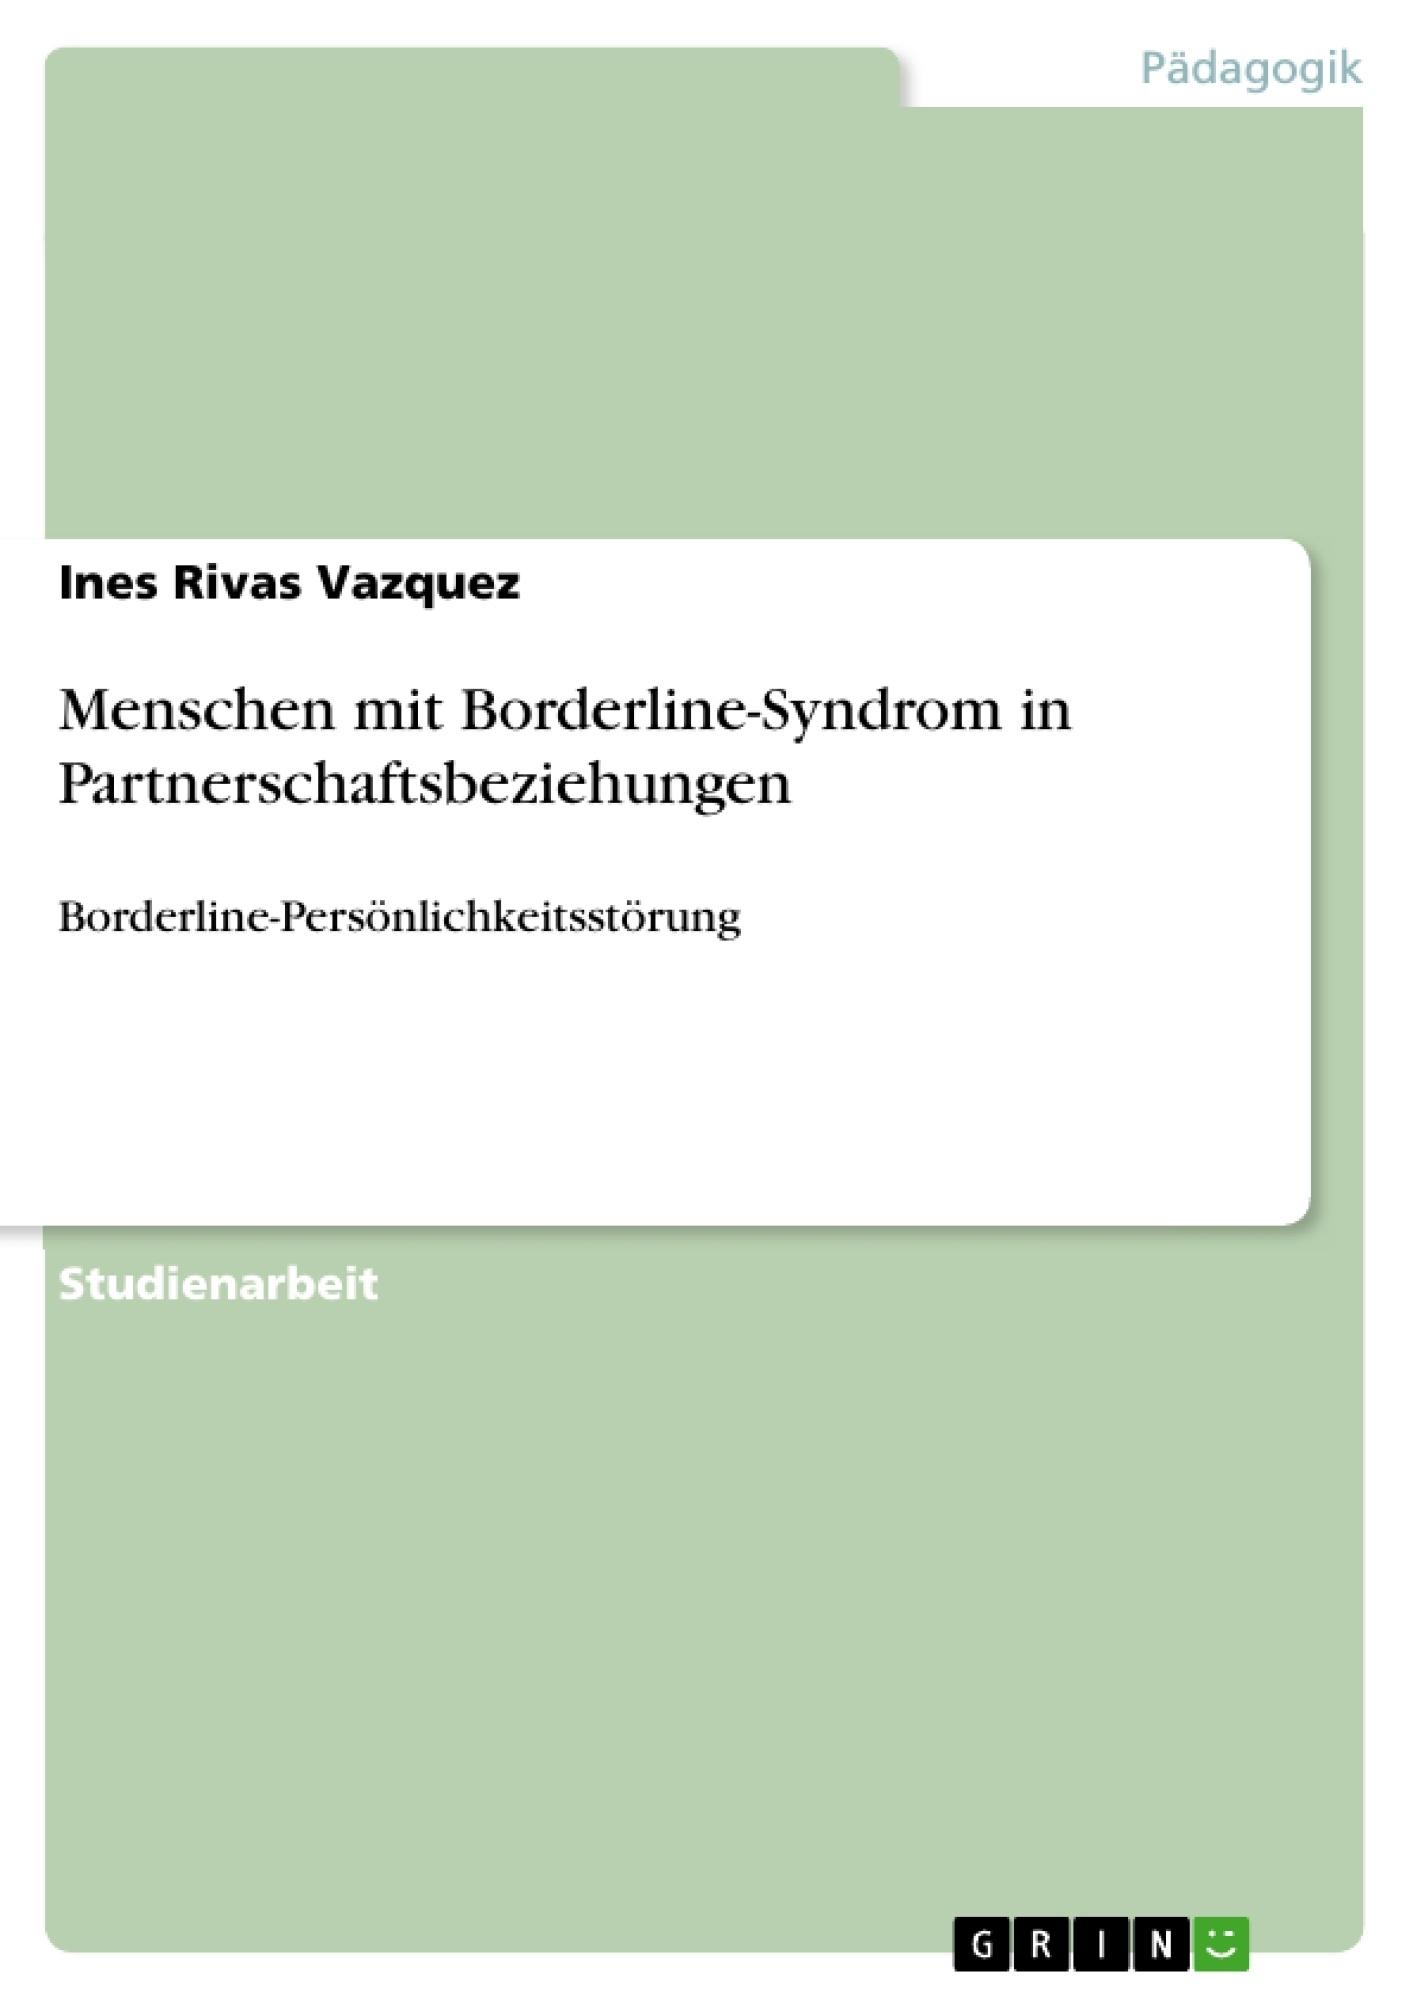 Titel: Menschen mit Borderline-Syndrom in Partnerschaftsbeziehungen